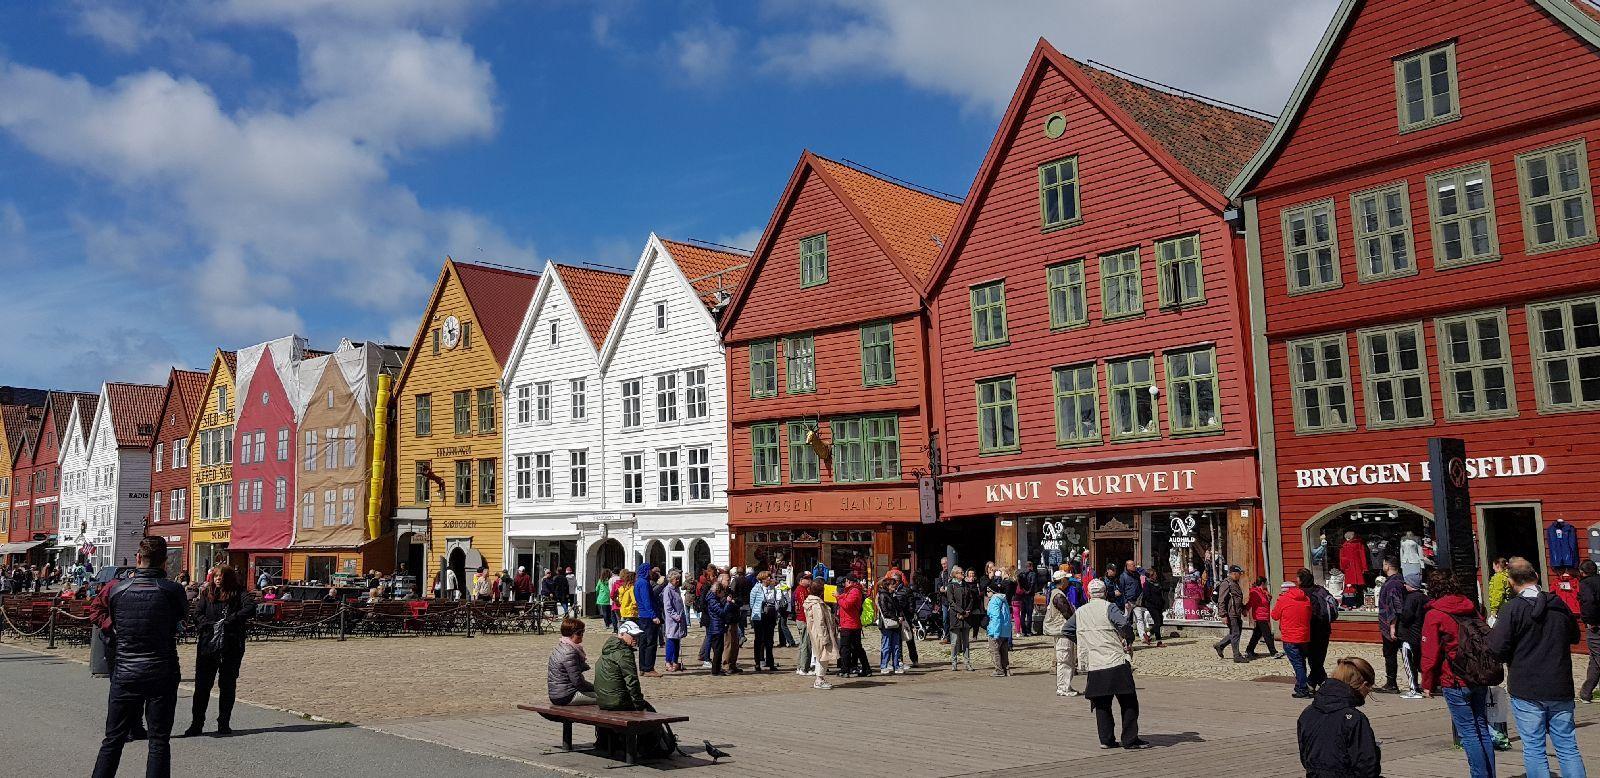 22 juin 2018 : Bergen